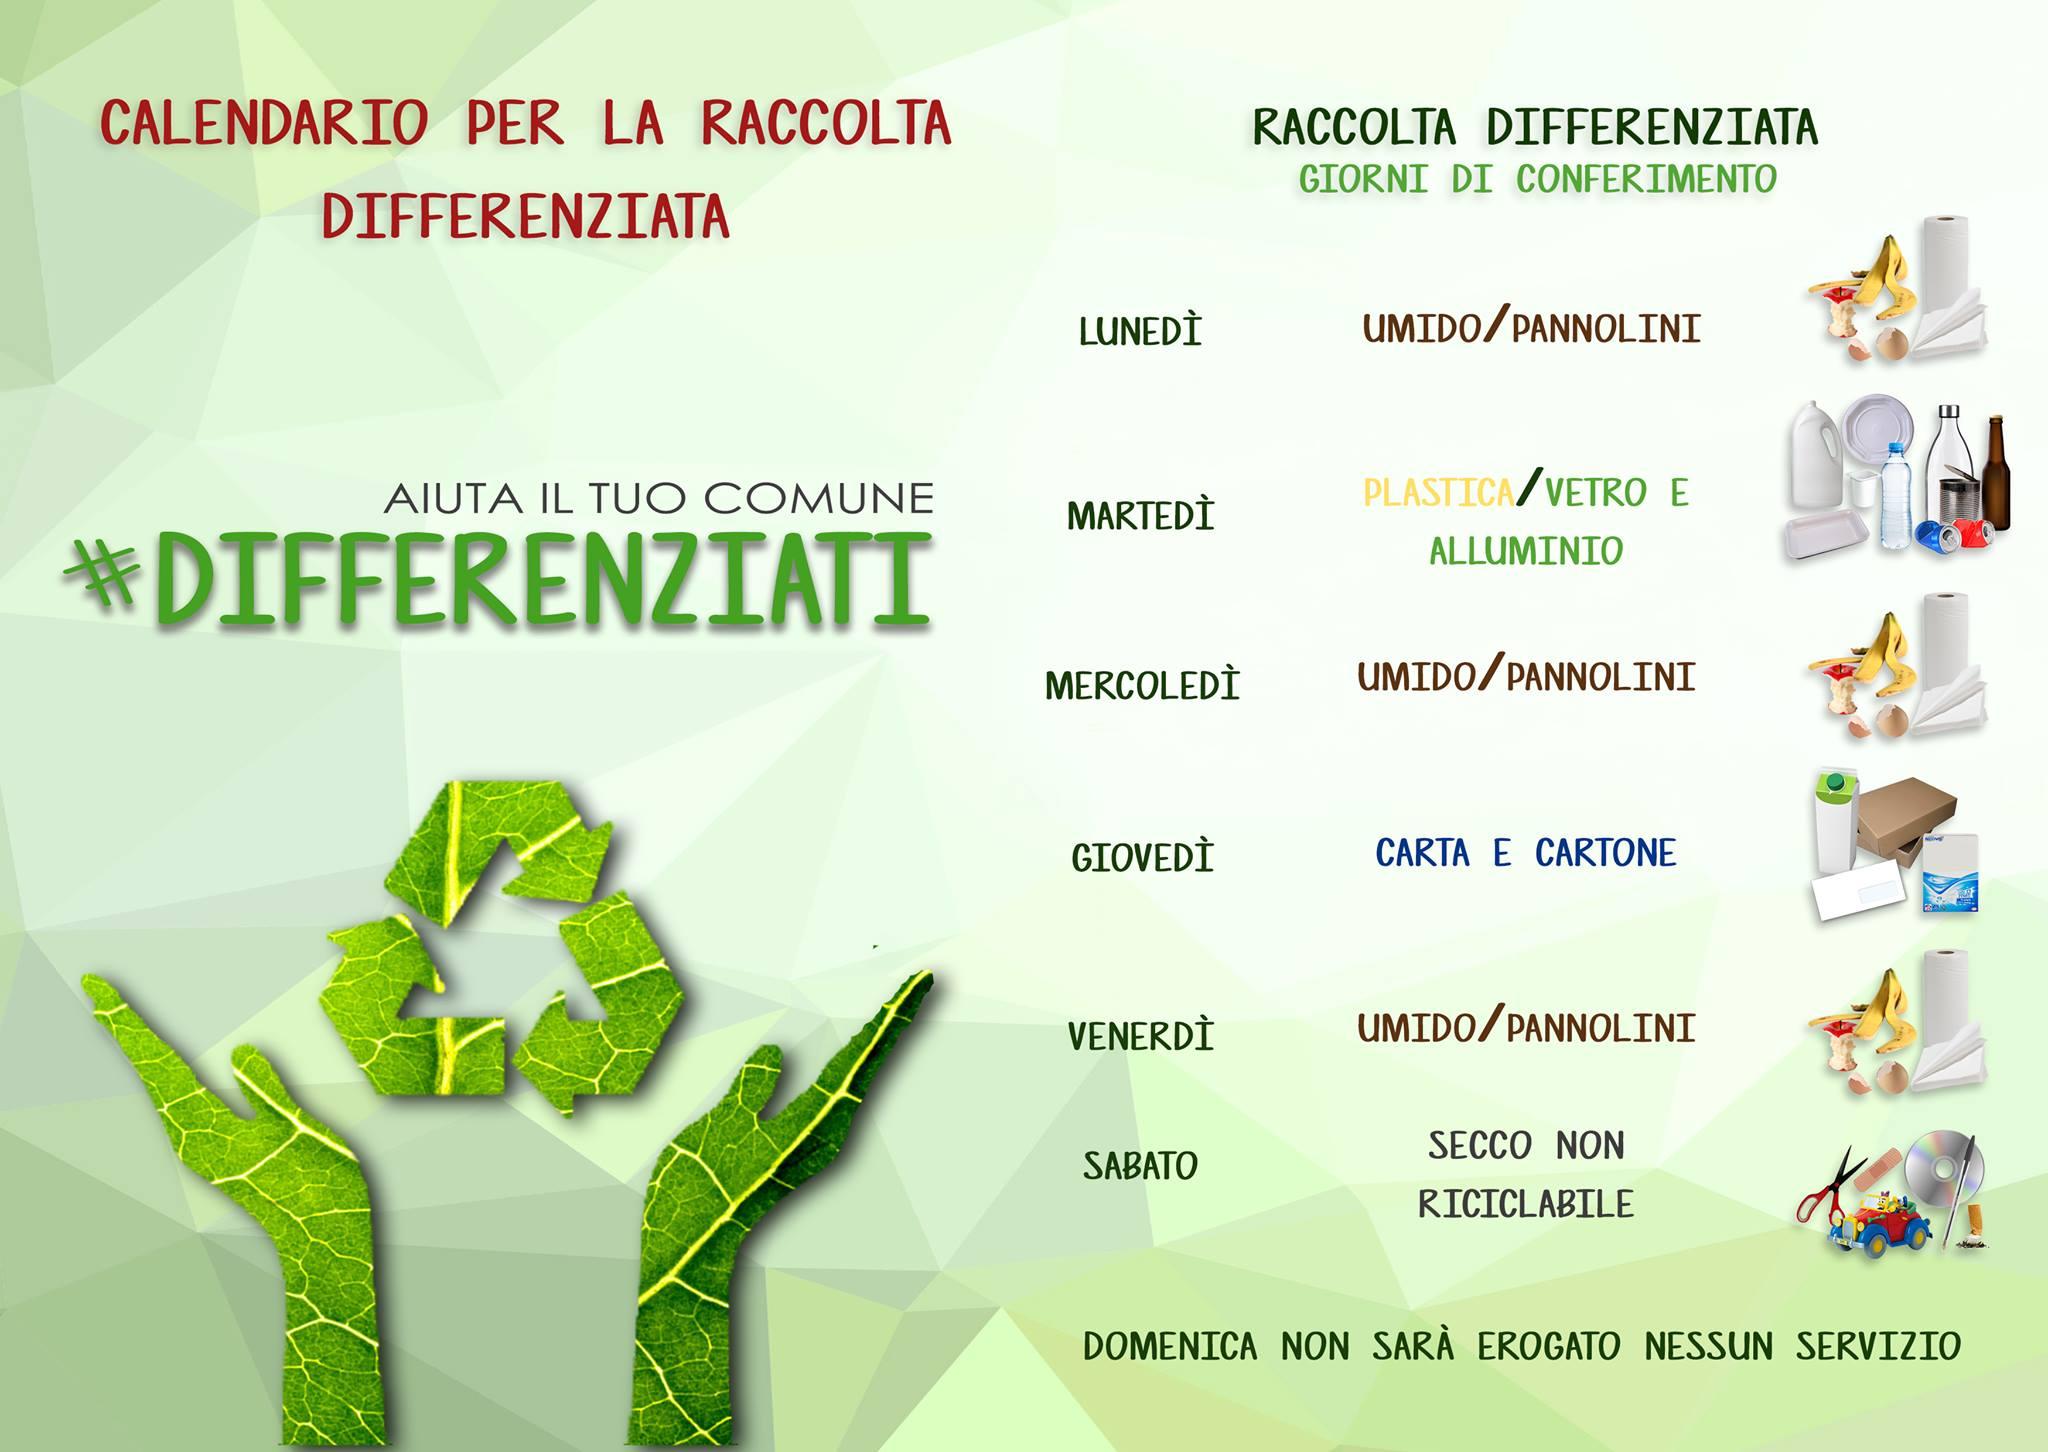 Raccolta Differenziata Palermo Calendario.Da Lunedi Inizia La Raccolta Differenziata Misilmeri Blog